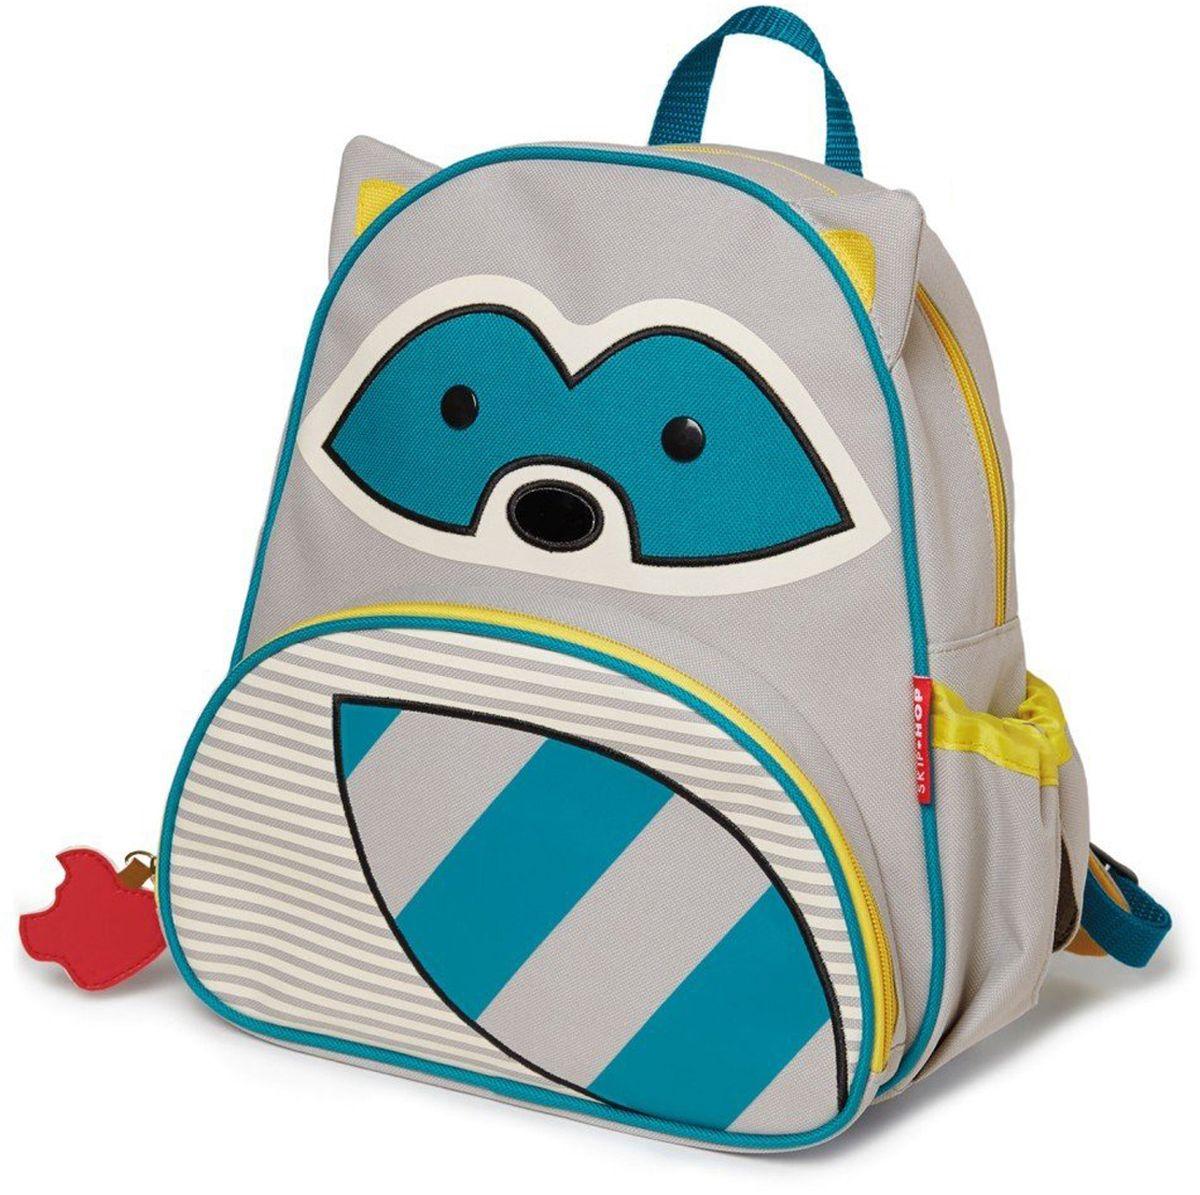 Skip Hop Рюкзак дошкольный Енот226398Дошкольный рюкзак Skip Hop каждый день будет радовать вашего малыша, вызывать улыбки у прохожих и зависть у сверстников. С ним можно ходить в детский сад, на прогулку, в гости к бабушке или ездить на экскурсии.Рюкзак имеет одно основное отделение на застежке-молнии, в которое легко поместятся книжка, альбом для рисования, краски, фломастеры, любимая игрушка и контейнер с едой, а кармашек сбоку предназначен специально для бутылочки с водой. Передний карман на молнии предназначен для мелких вещей.Рюкзак оснащен ручкой для переноски в руках и лямками регулируемой длины.